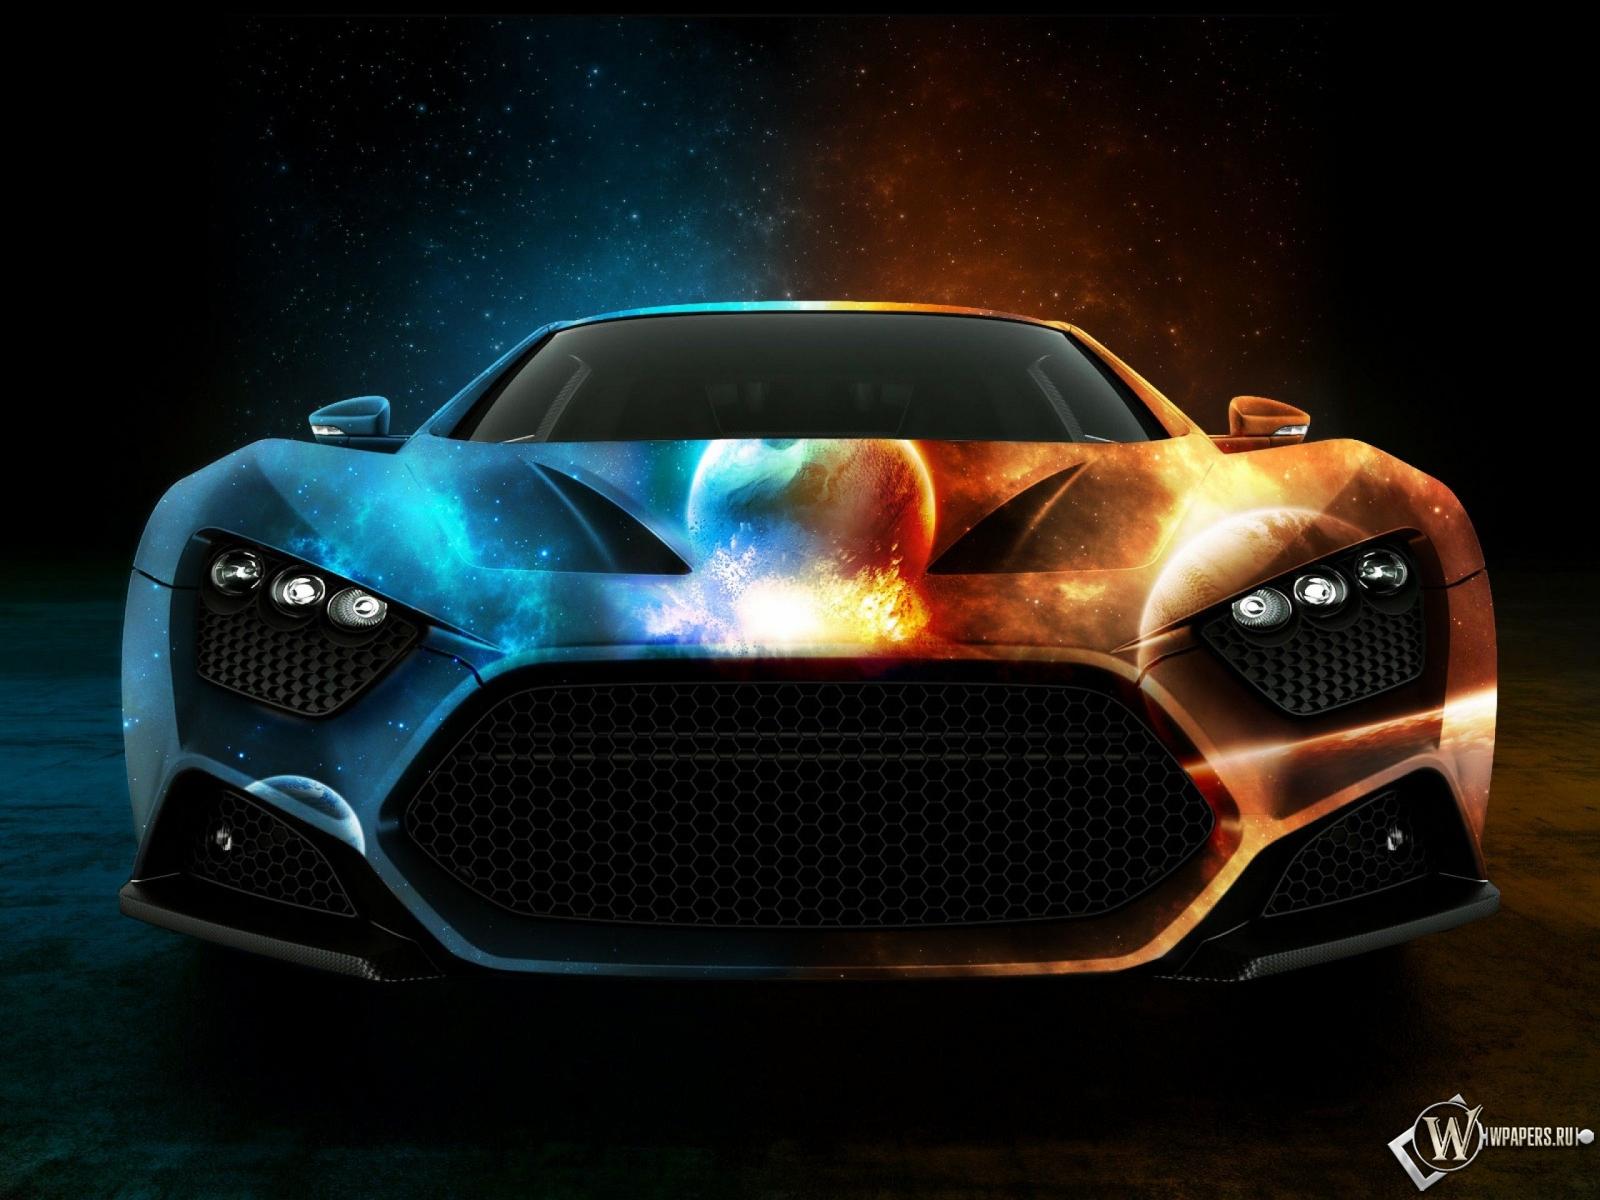 Машина двух миров 1600x1200